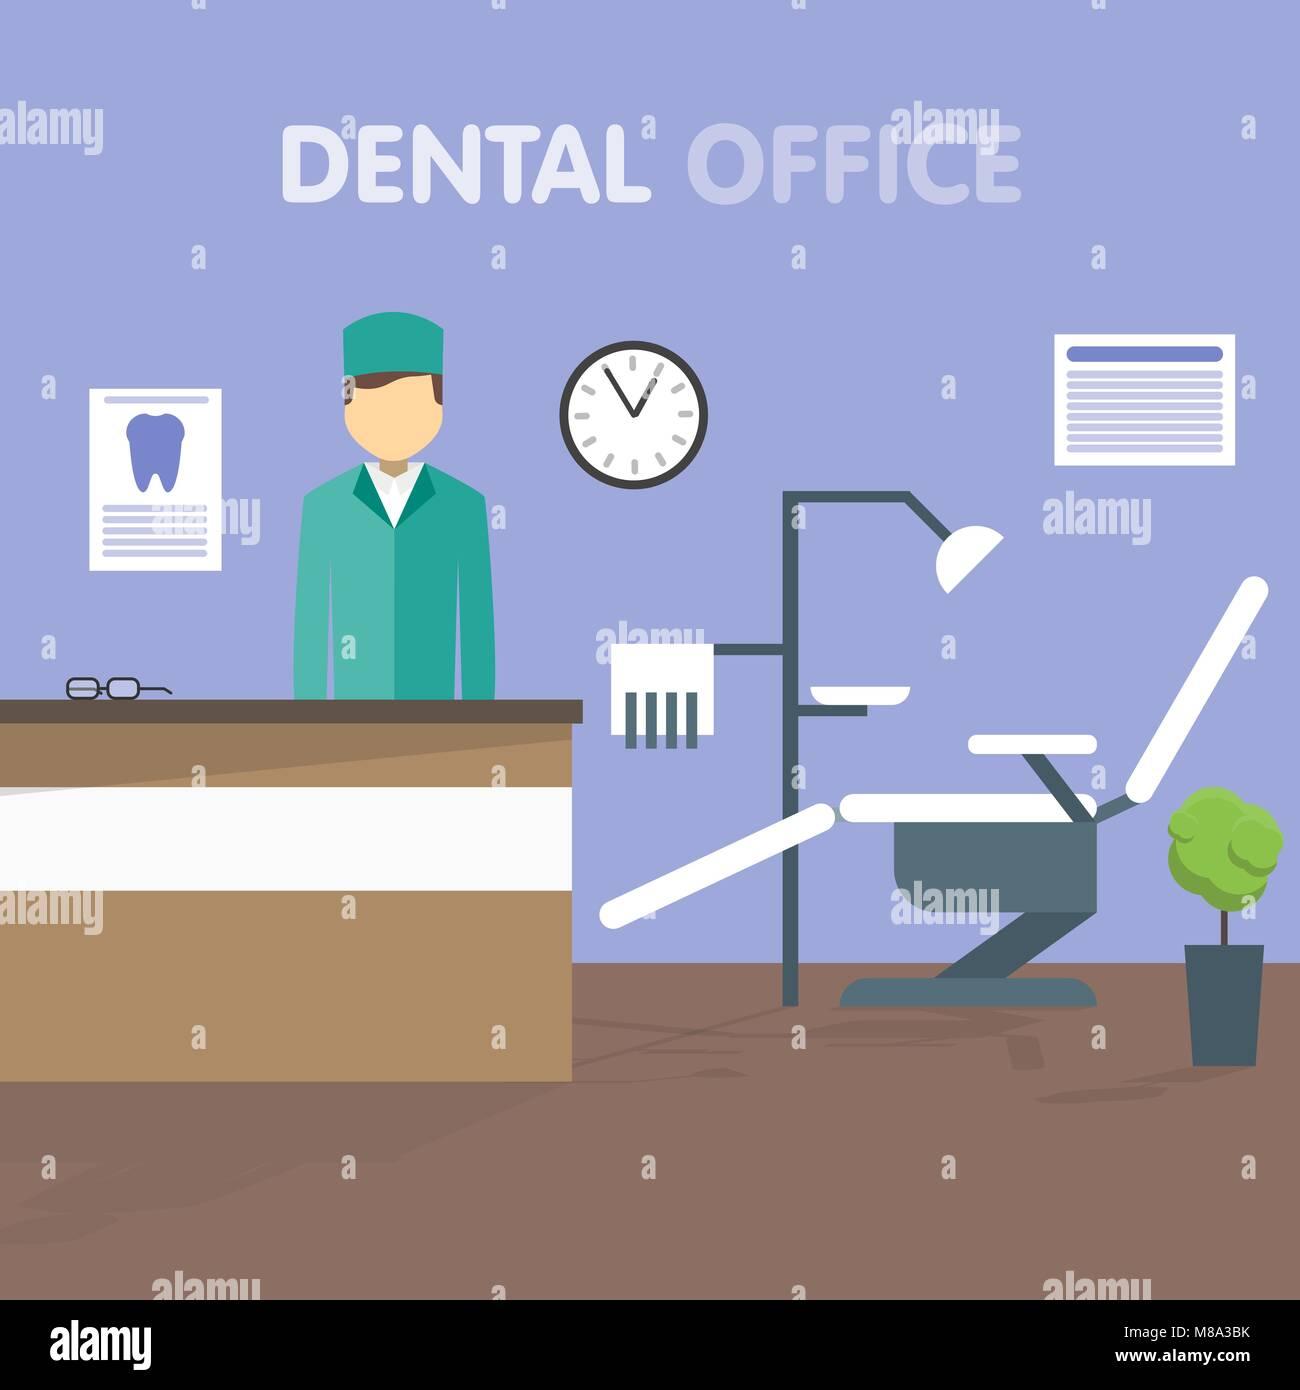 Luogo di lavoro del dentista, illustrazione vettoriale. Illustrazione Vettoriale